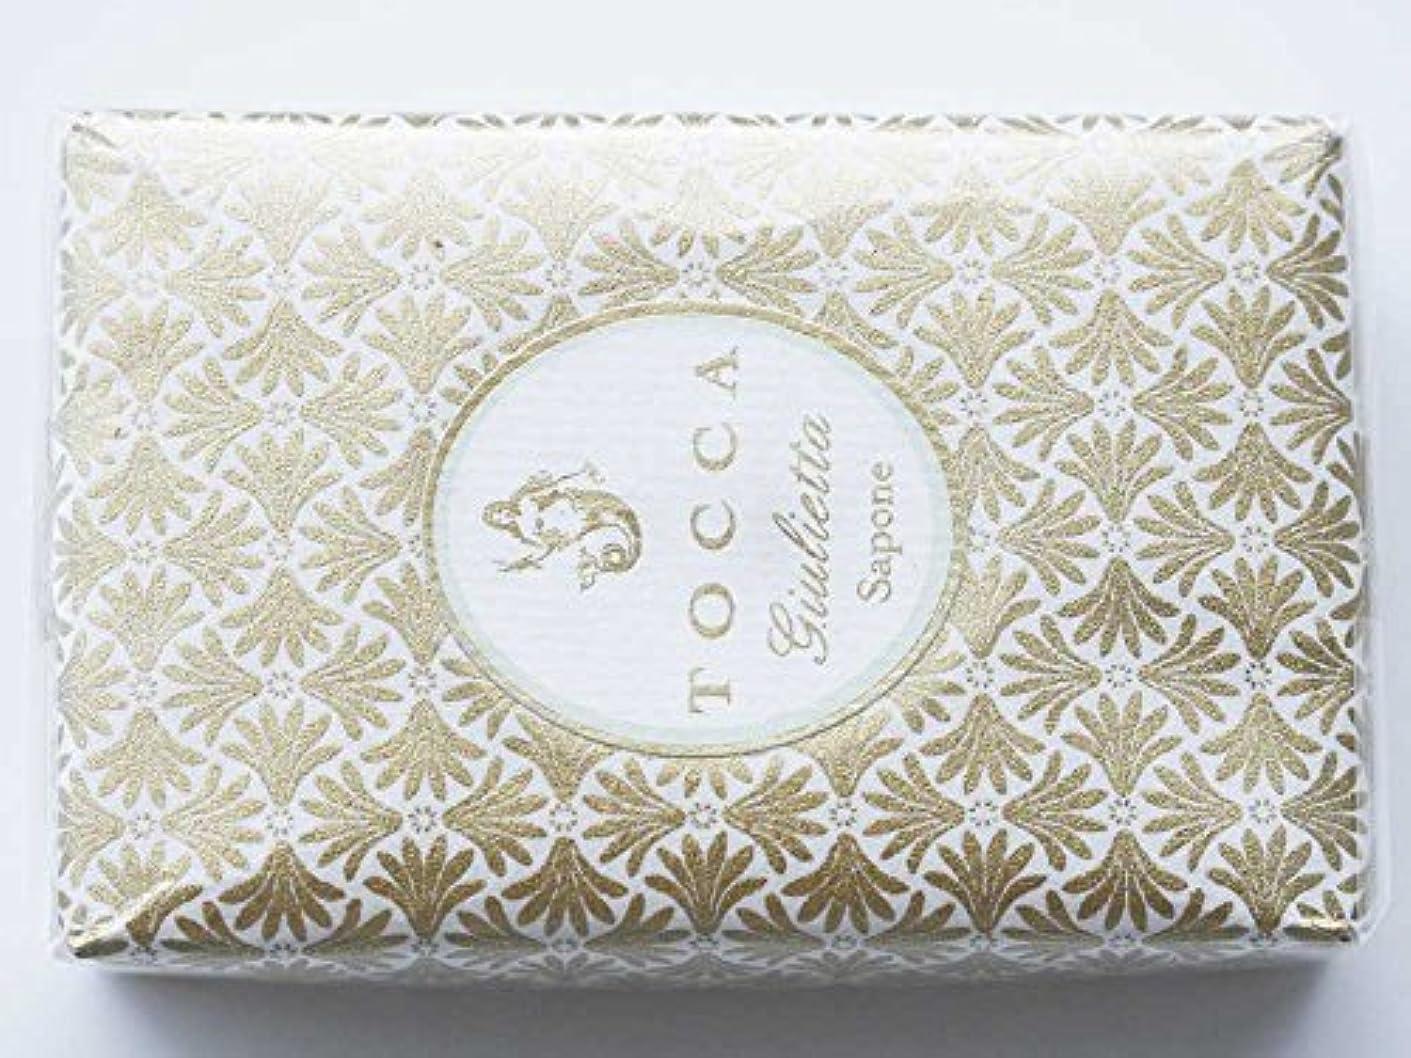 抗生物質限り現金TOCCA(トッカ)石鹸 ソープバー ジュリエッタの香り